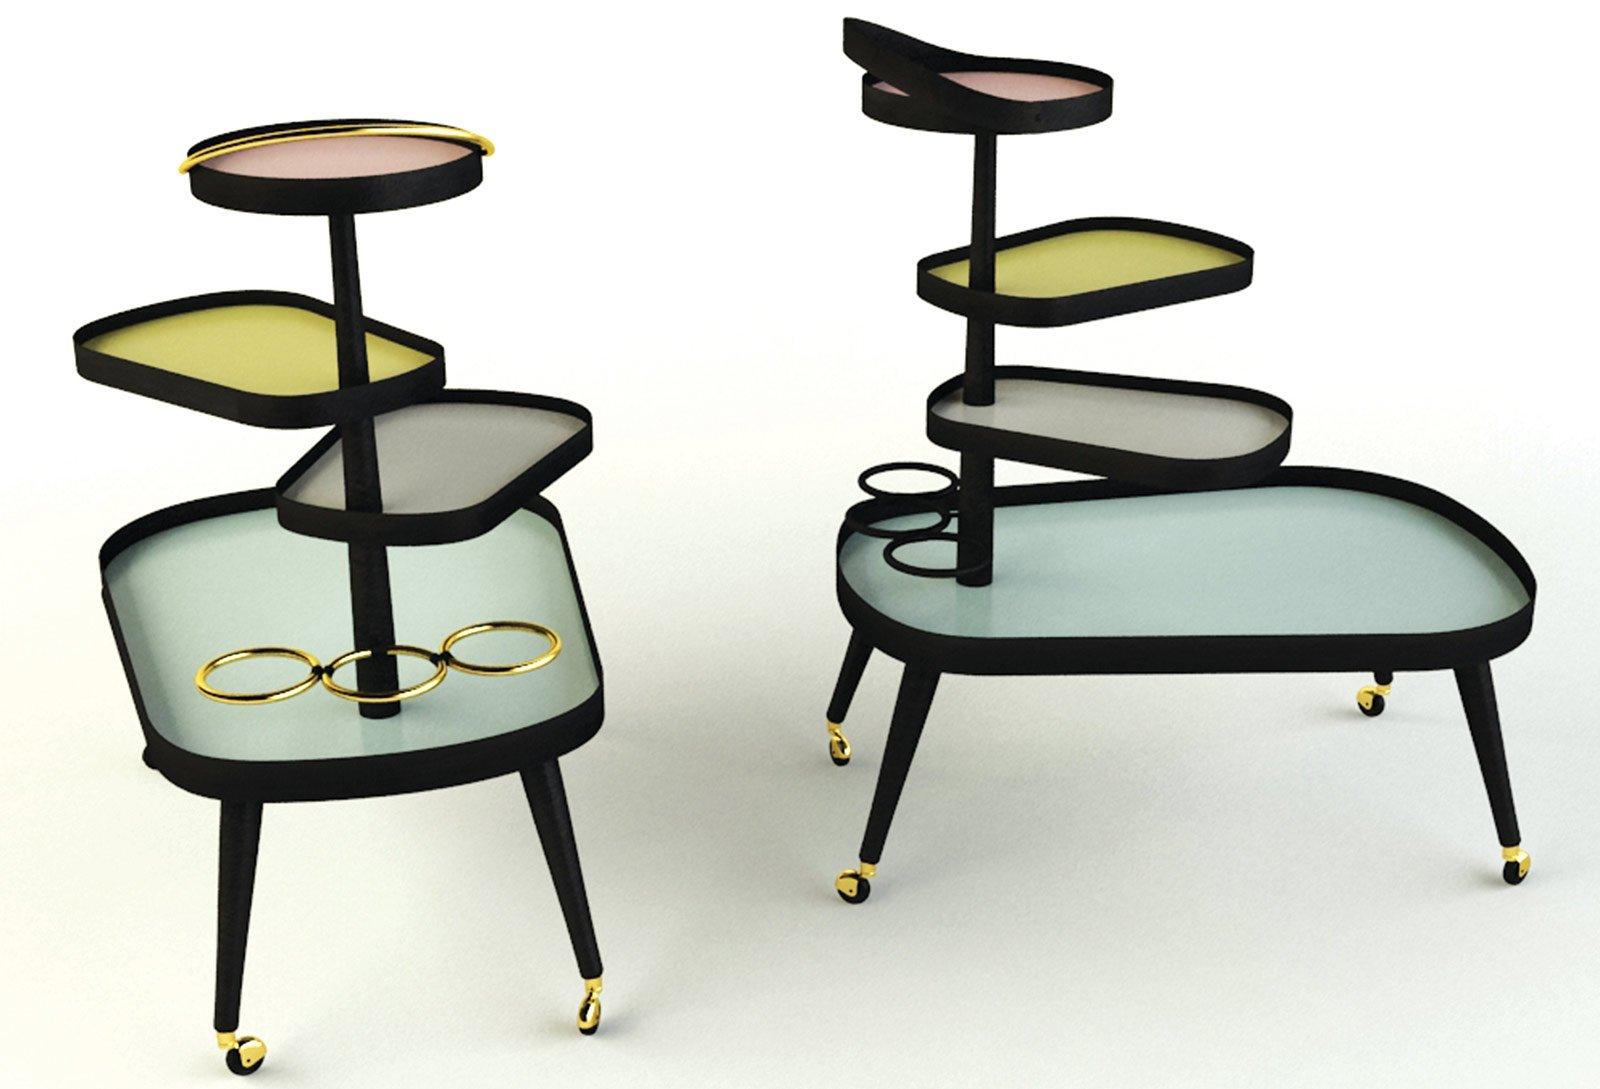 Tavolini per il soggiorno tendenze dal salone del mobile for Tavolini anni 50